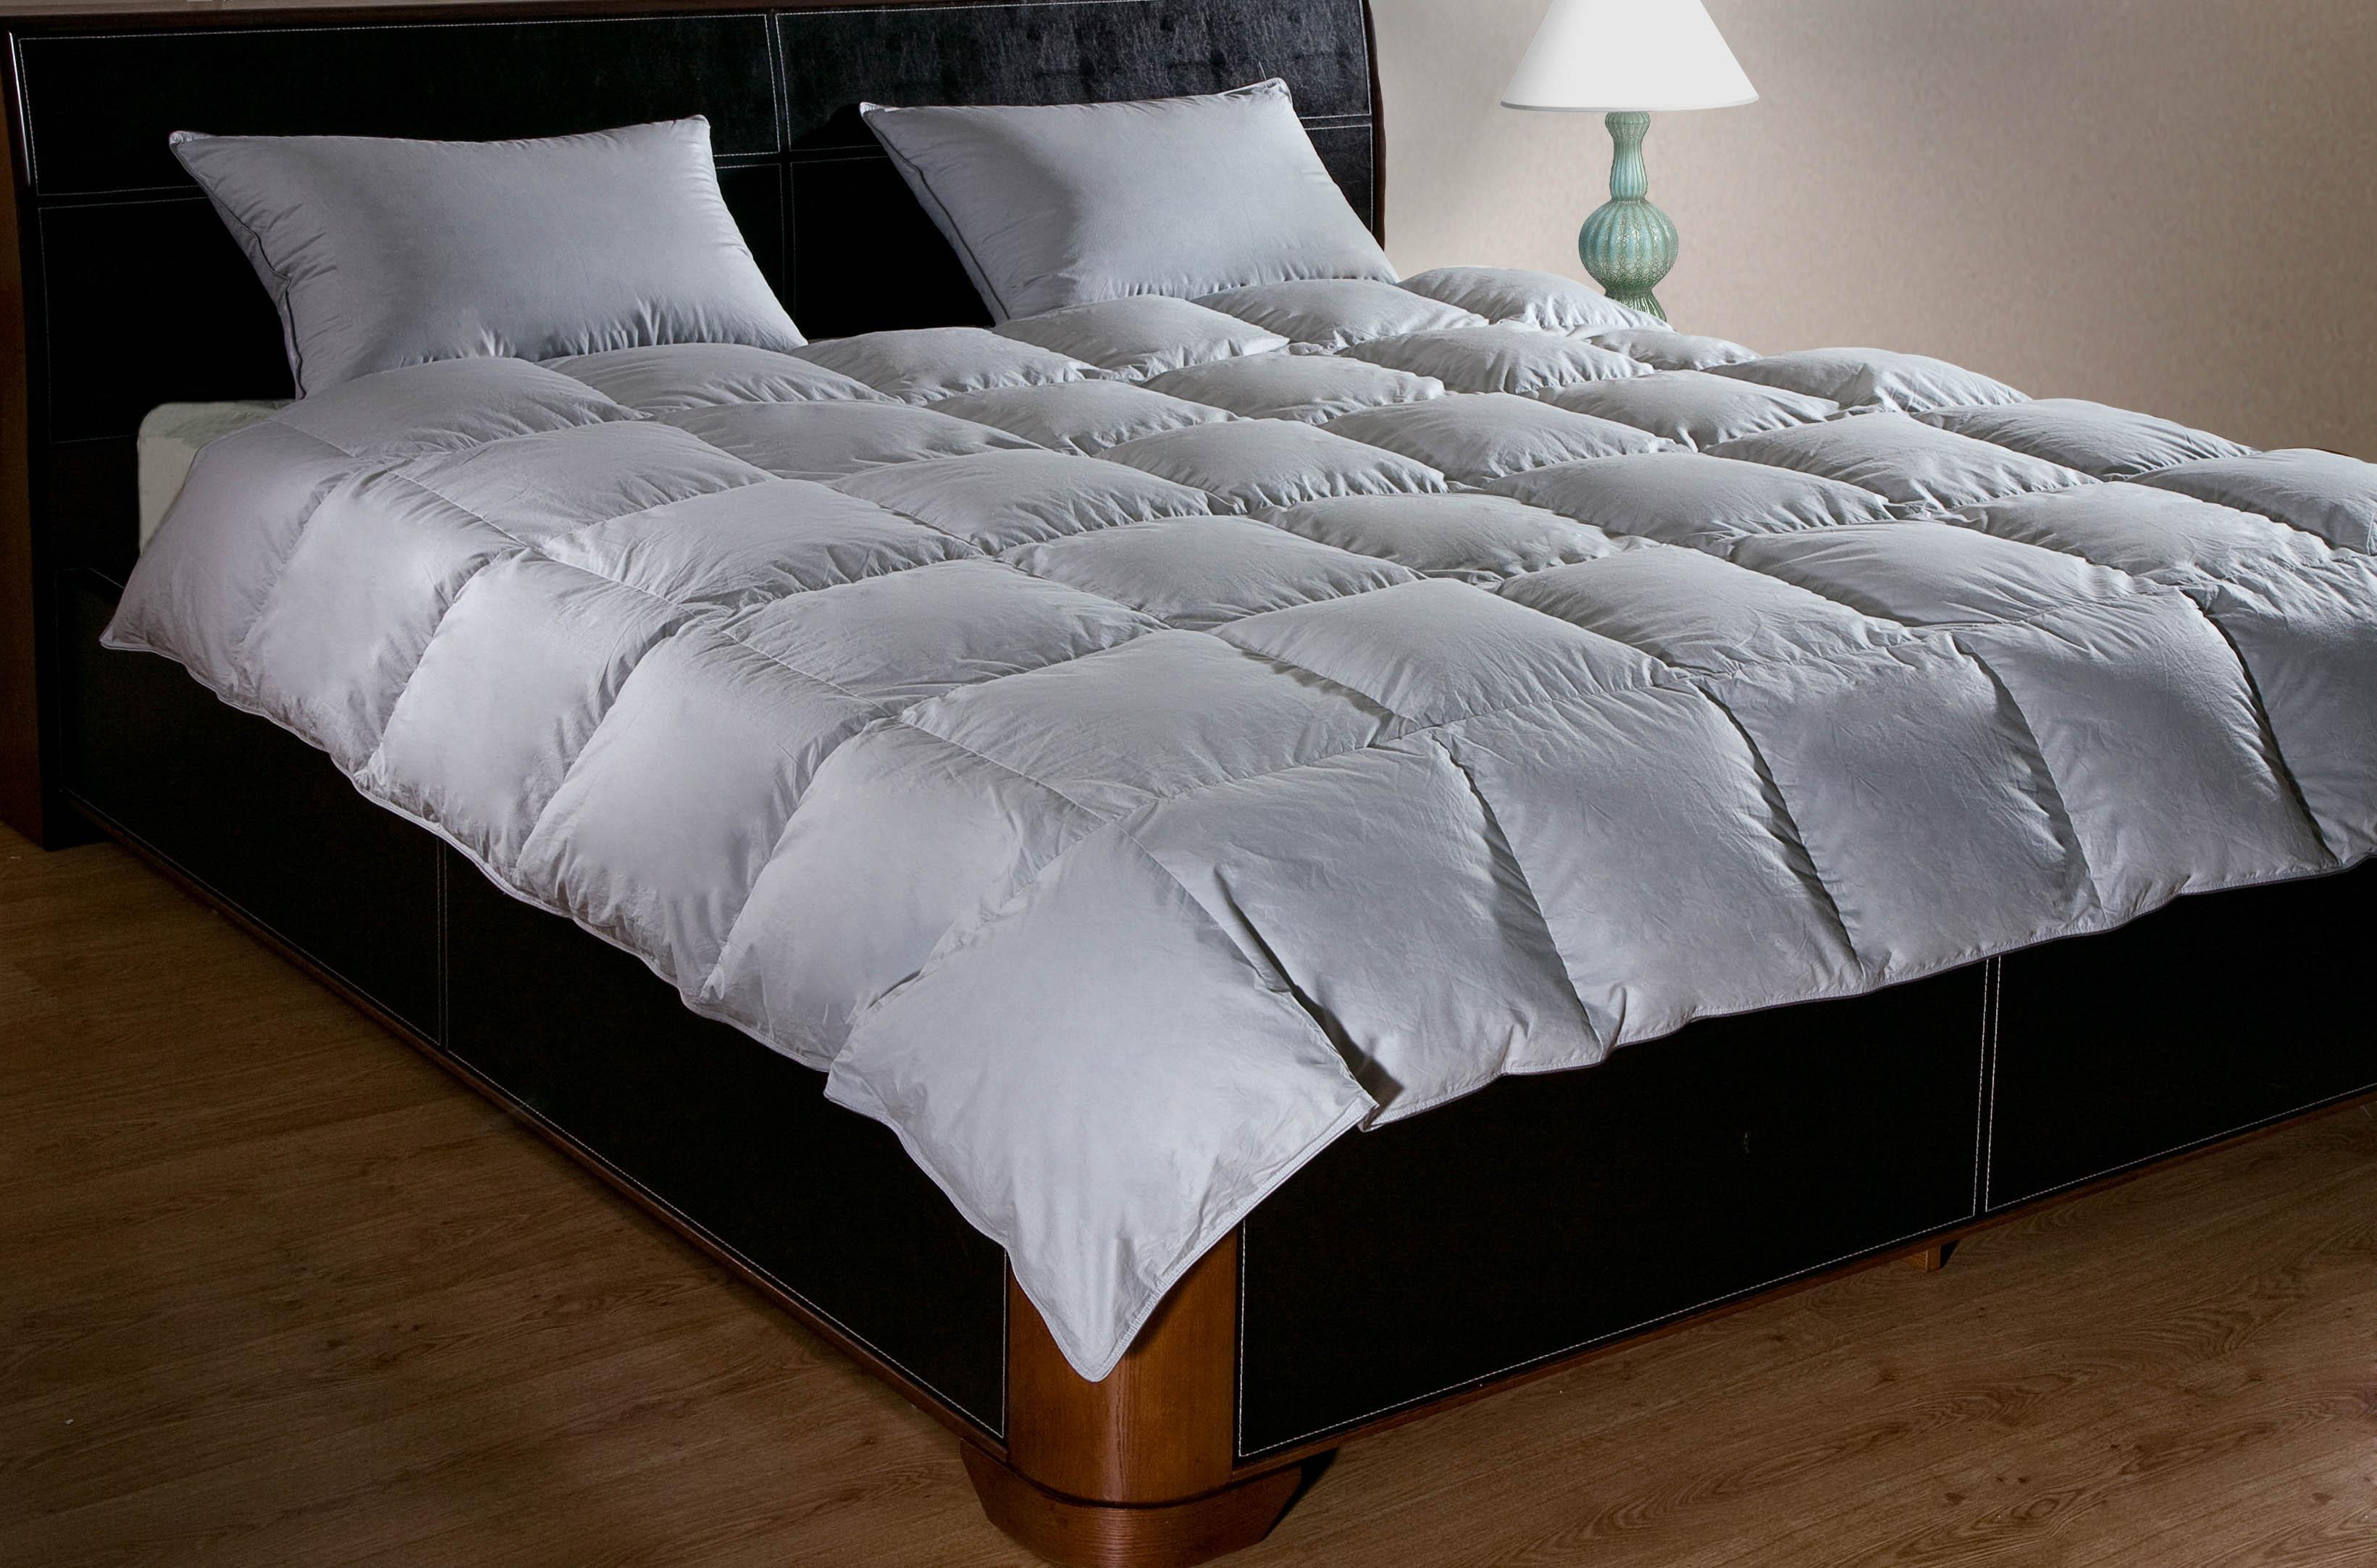 Одеяла Primavelle Одеяло Argelia Liqht Цвет:Серый (200х220 см) одеяло primavelle felicia гусиный пух 140x205